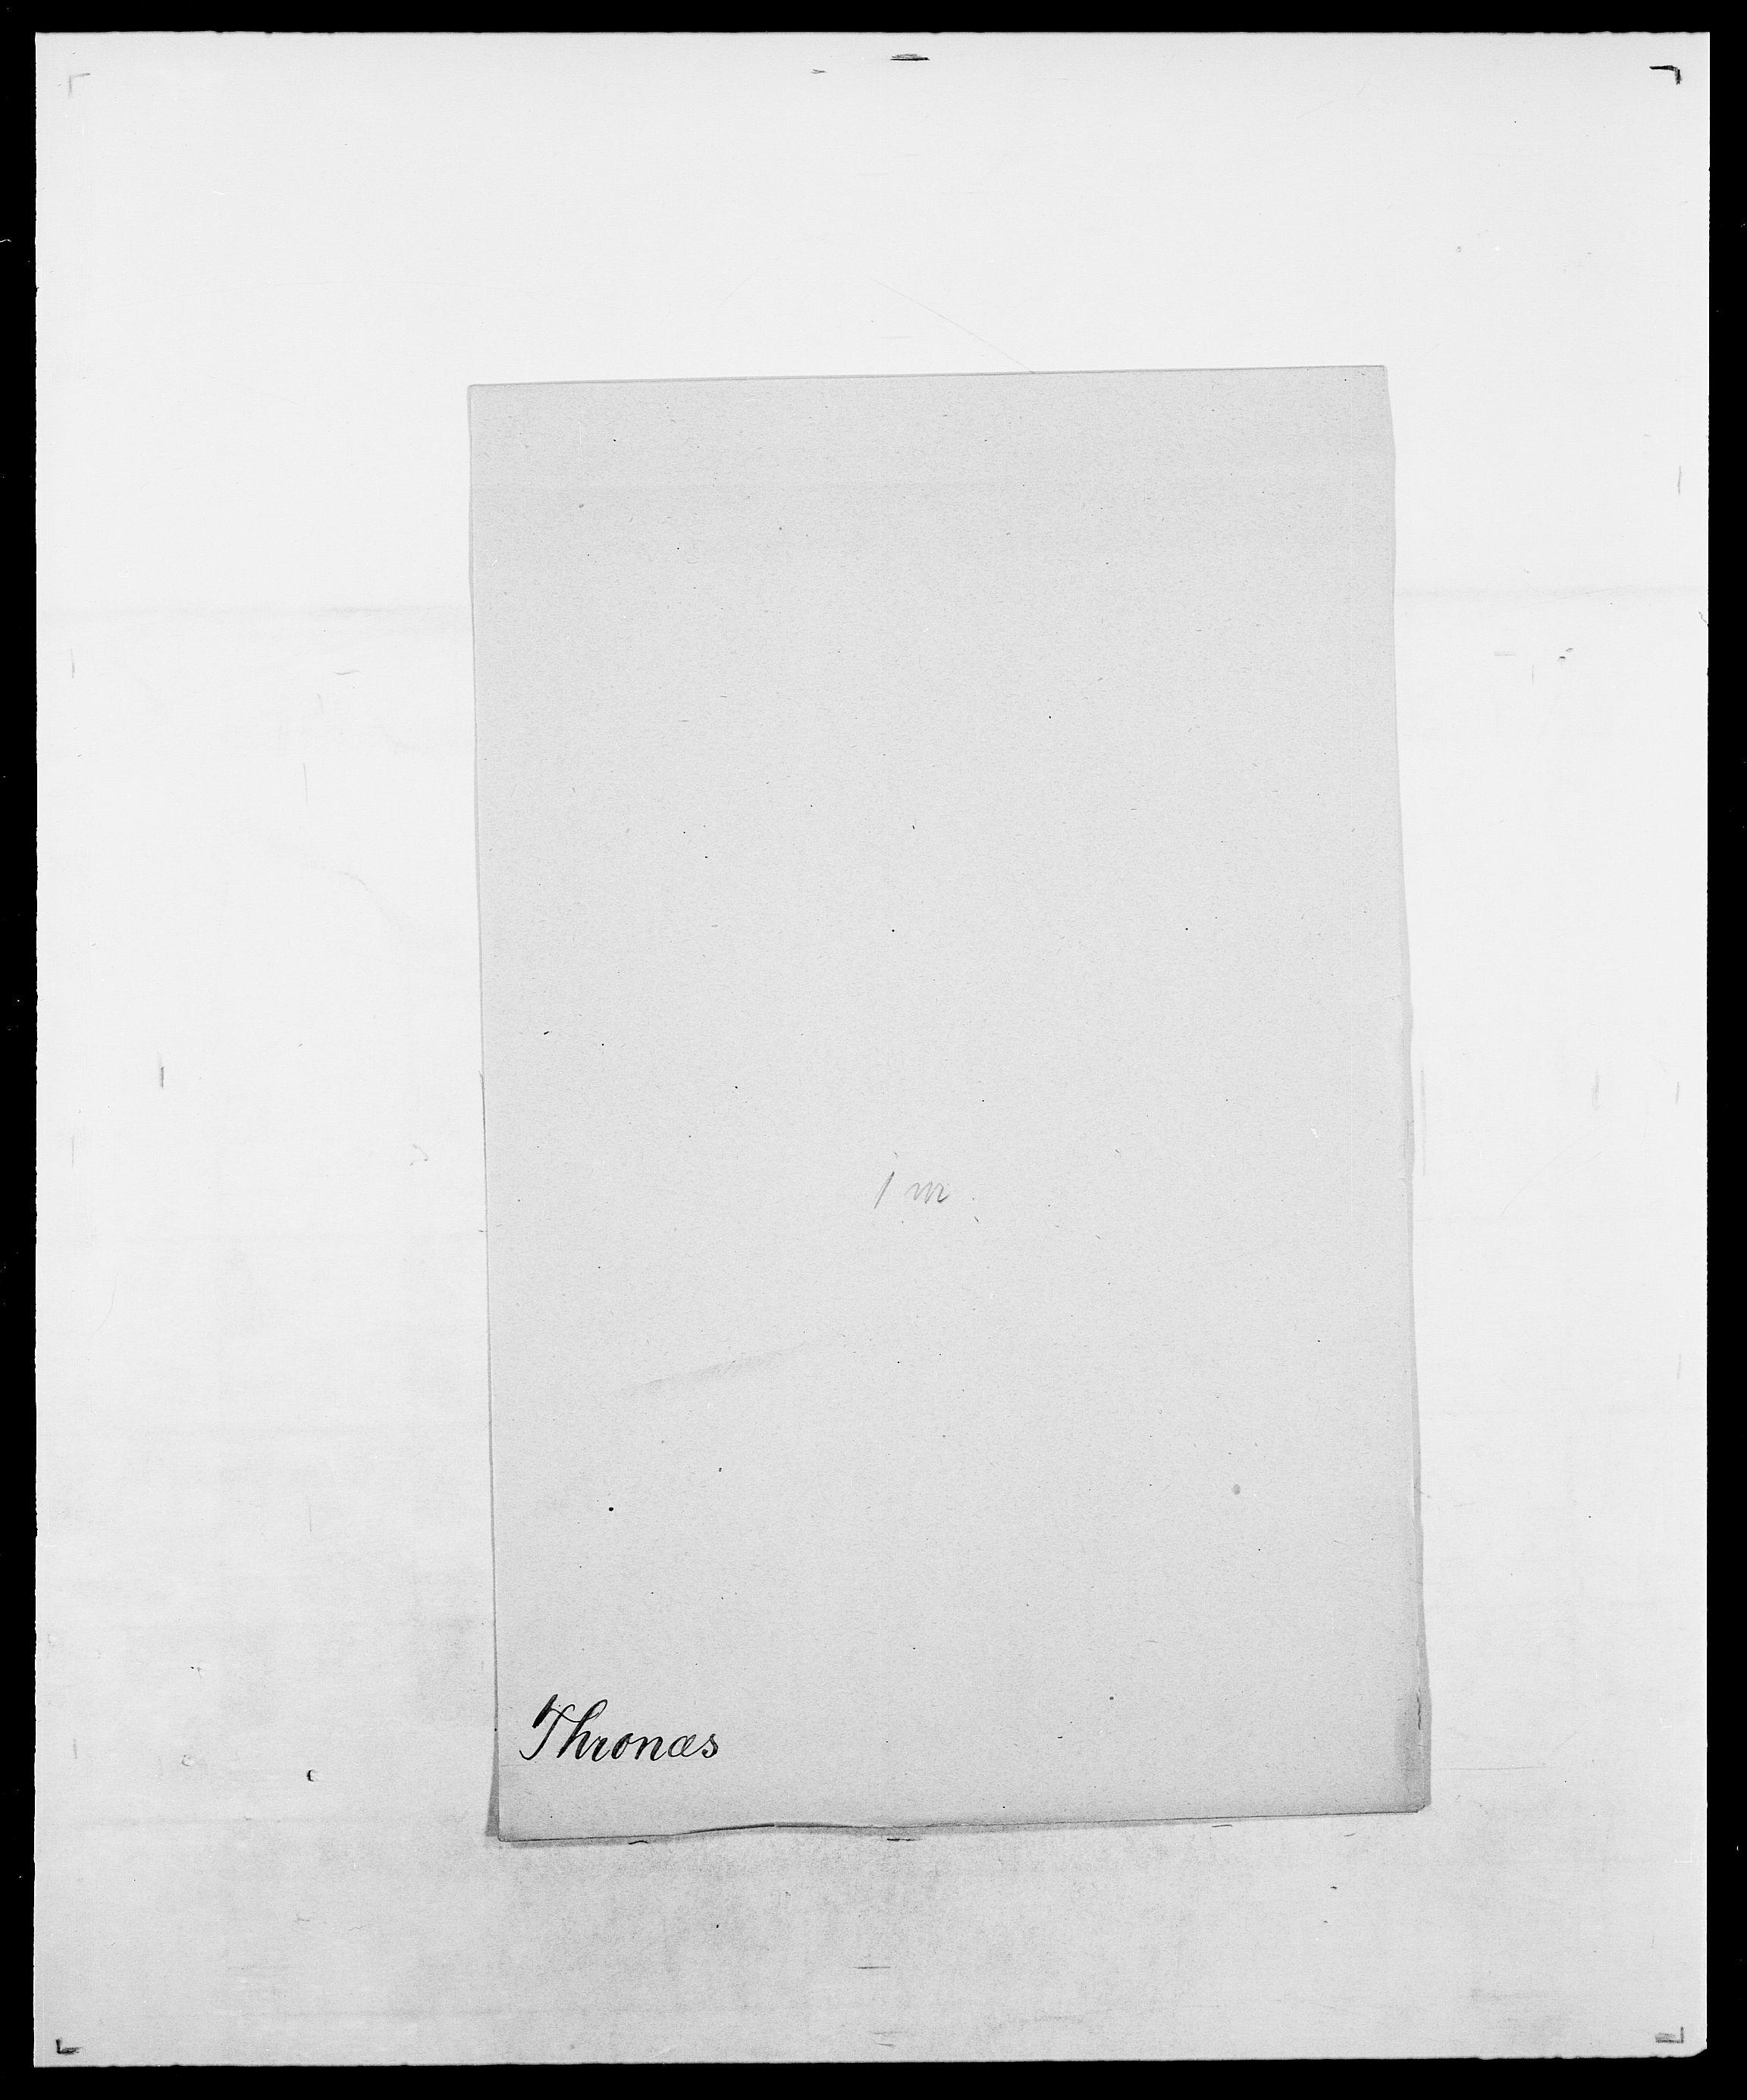 SAO, Delgobe, Charles Antoine - samling, D/Da/L0038: Svanenskjold - Thornsohn, s. 978